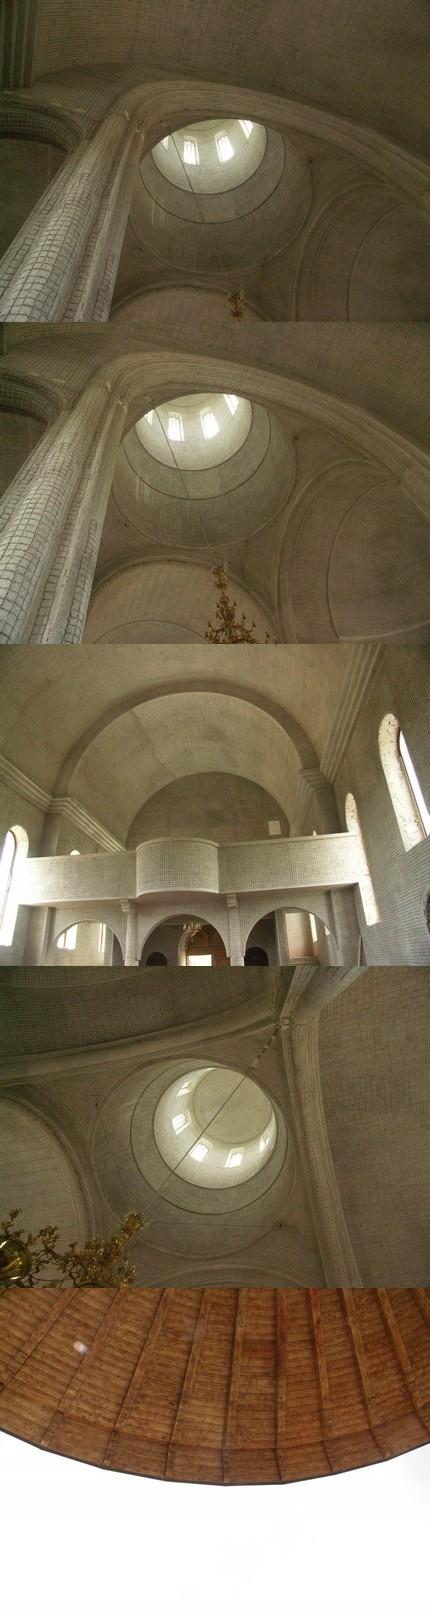 Din setul biserica (Foto: Florin Florea)